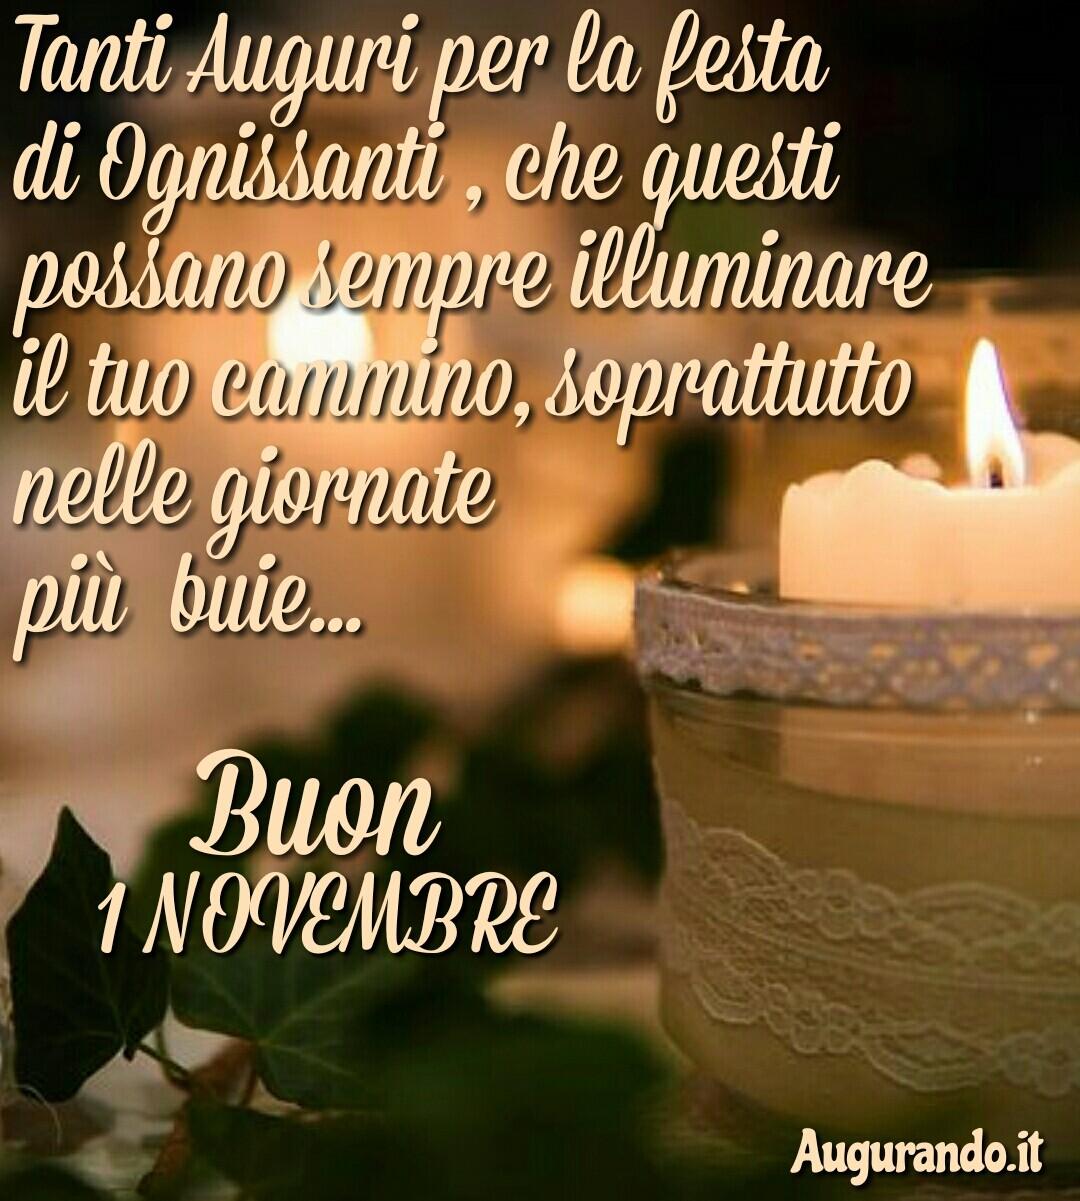 Festa di Ognissanti, 1  Novembre, festa di tutti i Santi, buona festa 1 novembre, buon tutti i Santi, giorno tutti i Santi,